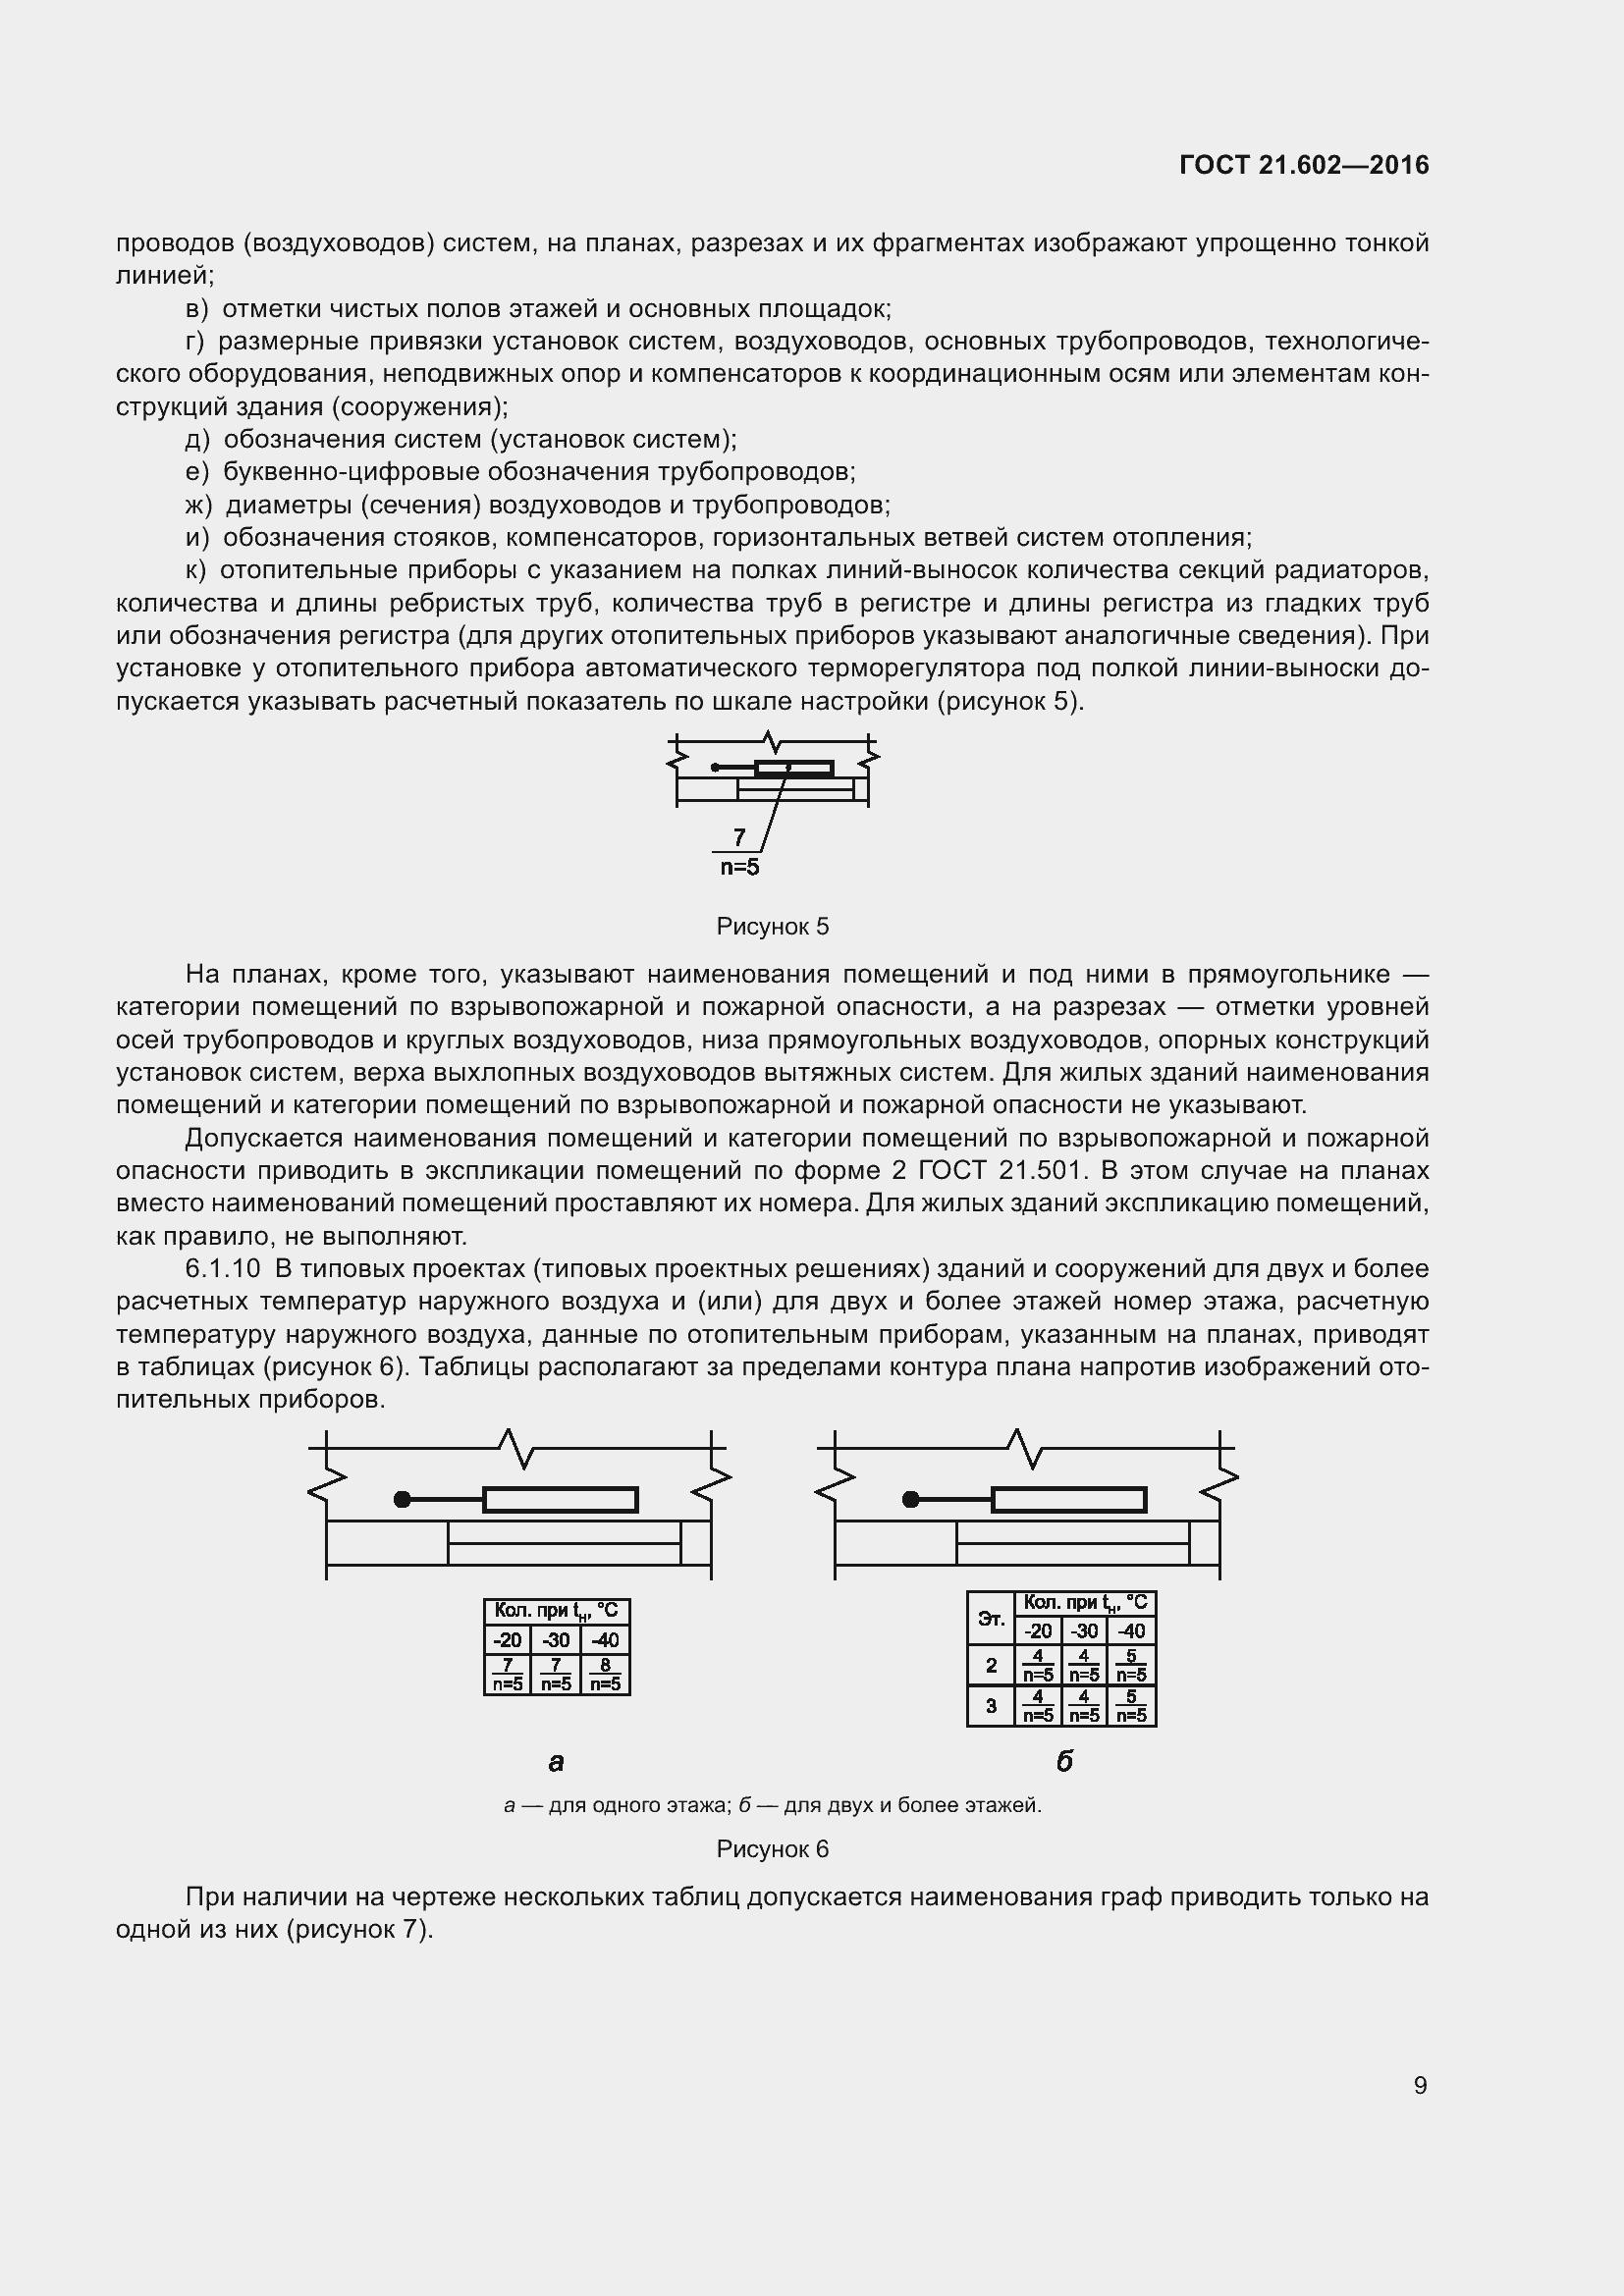 ГОСТ 21.602-2016. Страница 14